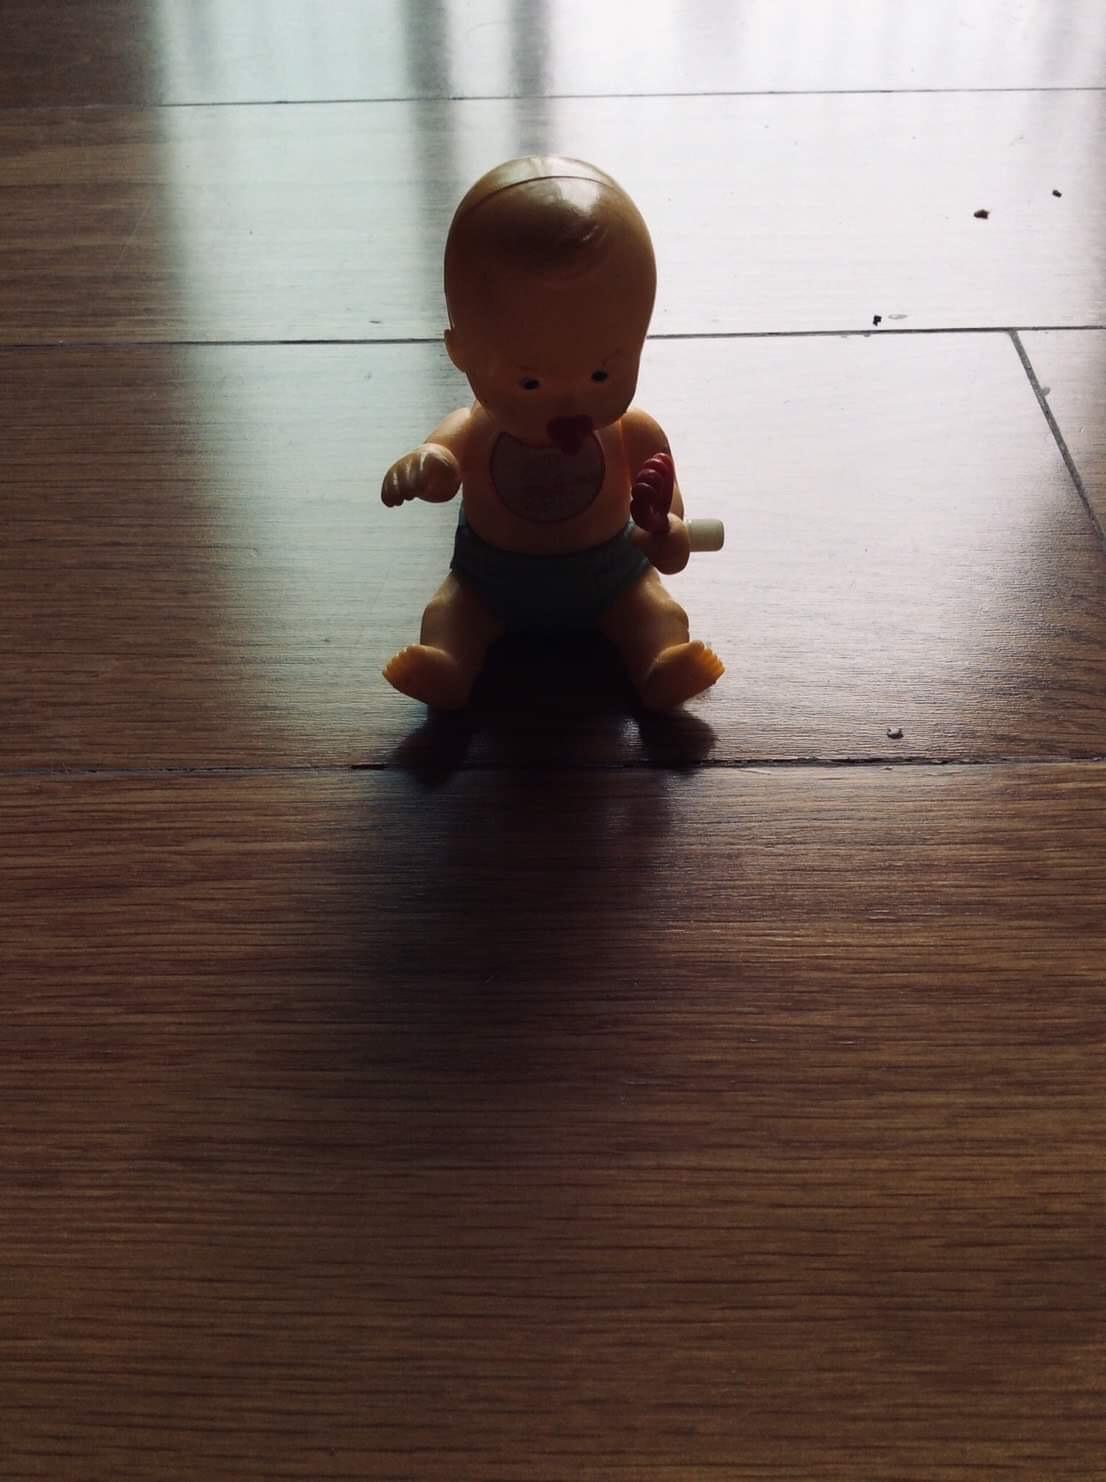 GRUDGE HOLDING BABY DOLL 👶🏻🧸👻😈 ( ตุ๊กตาทารกจอมอาฆาต 👶🏻🧸👻😈 )